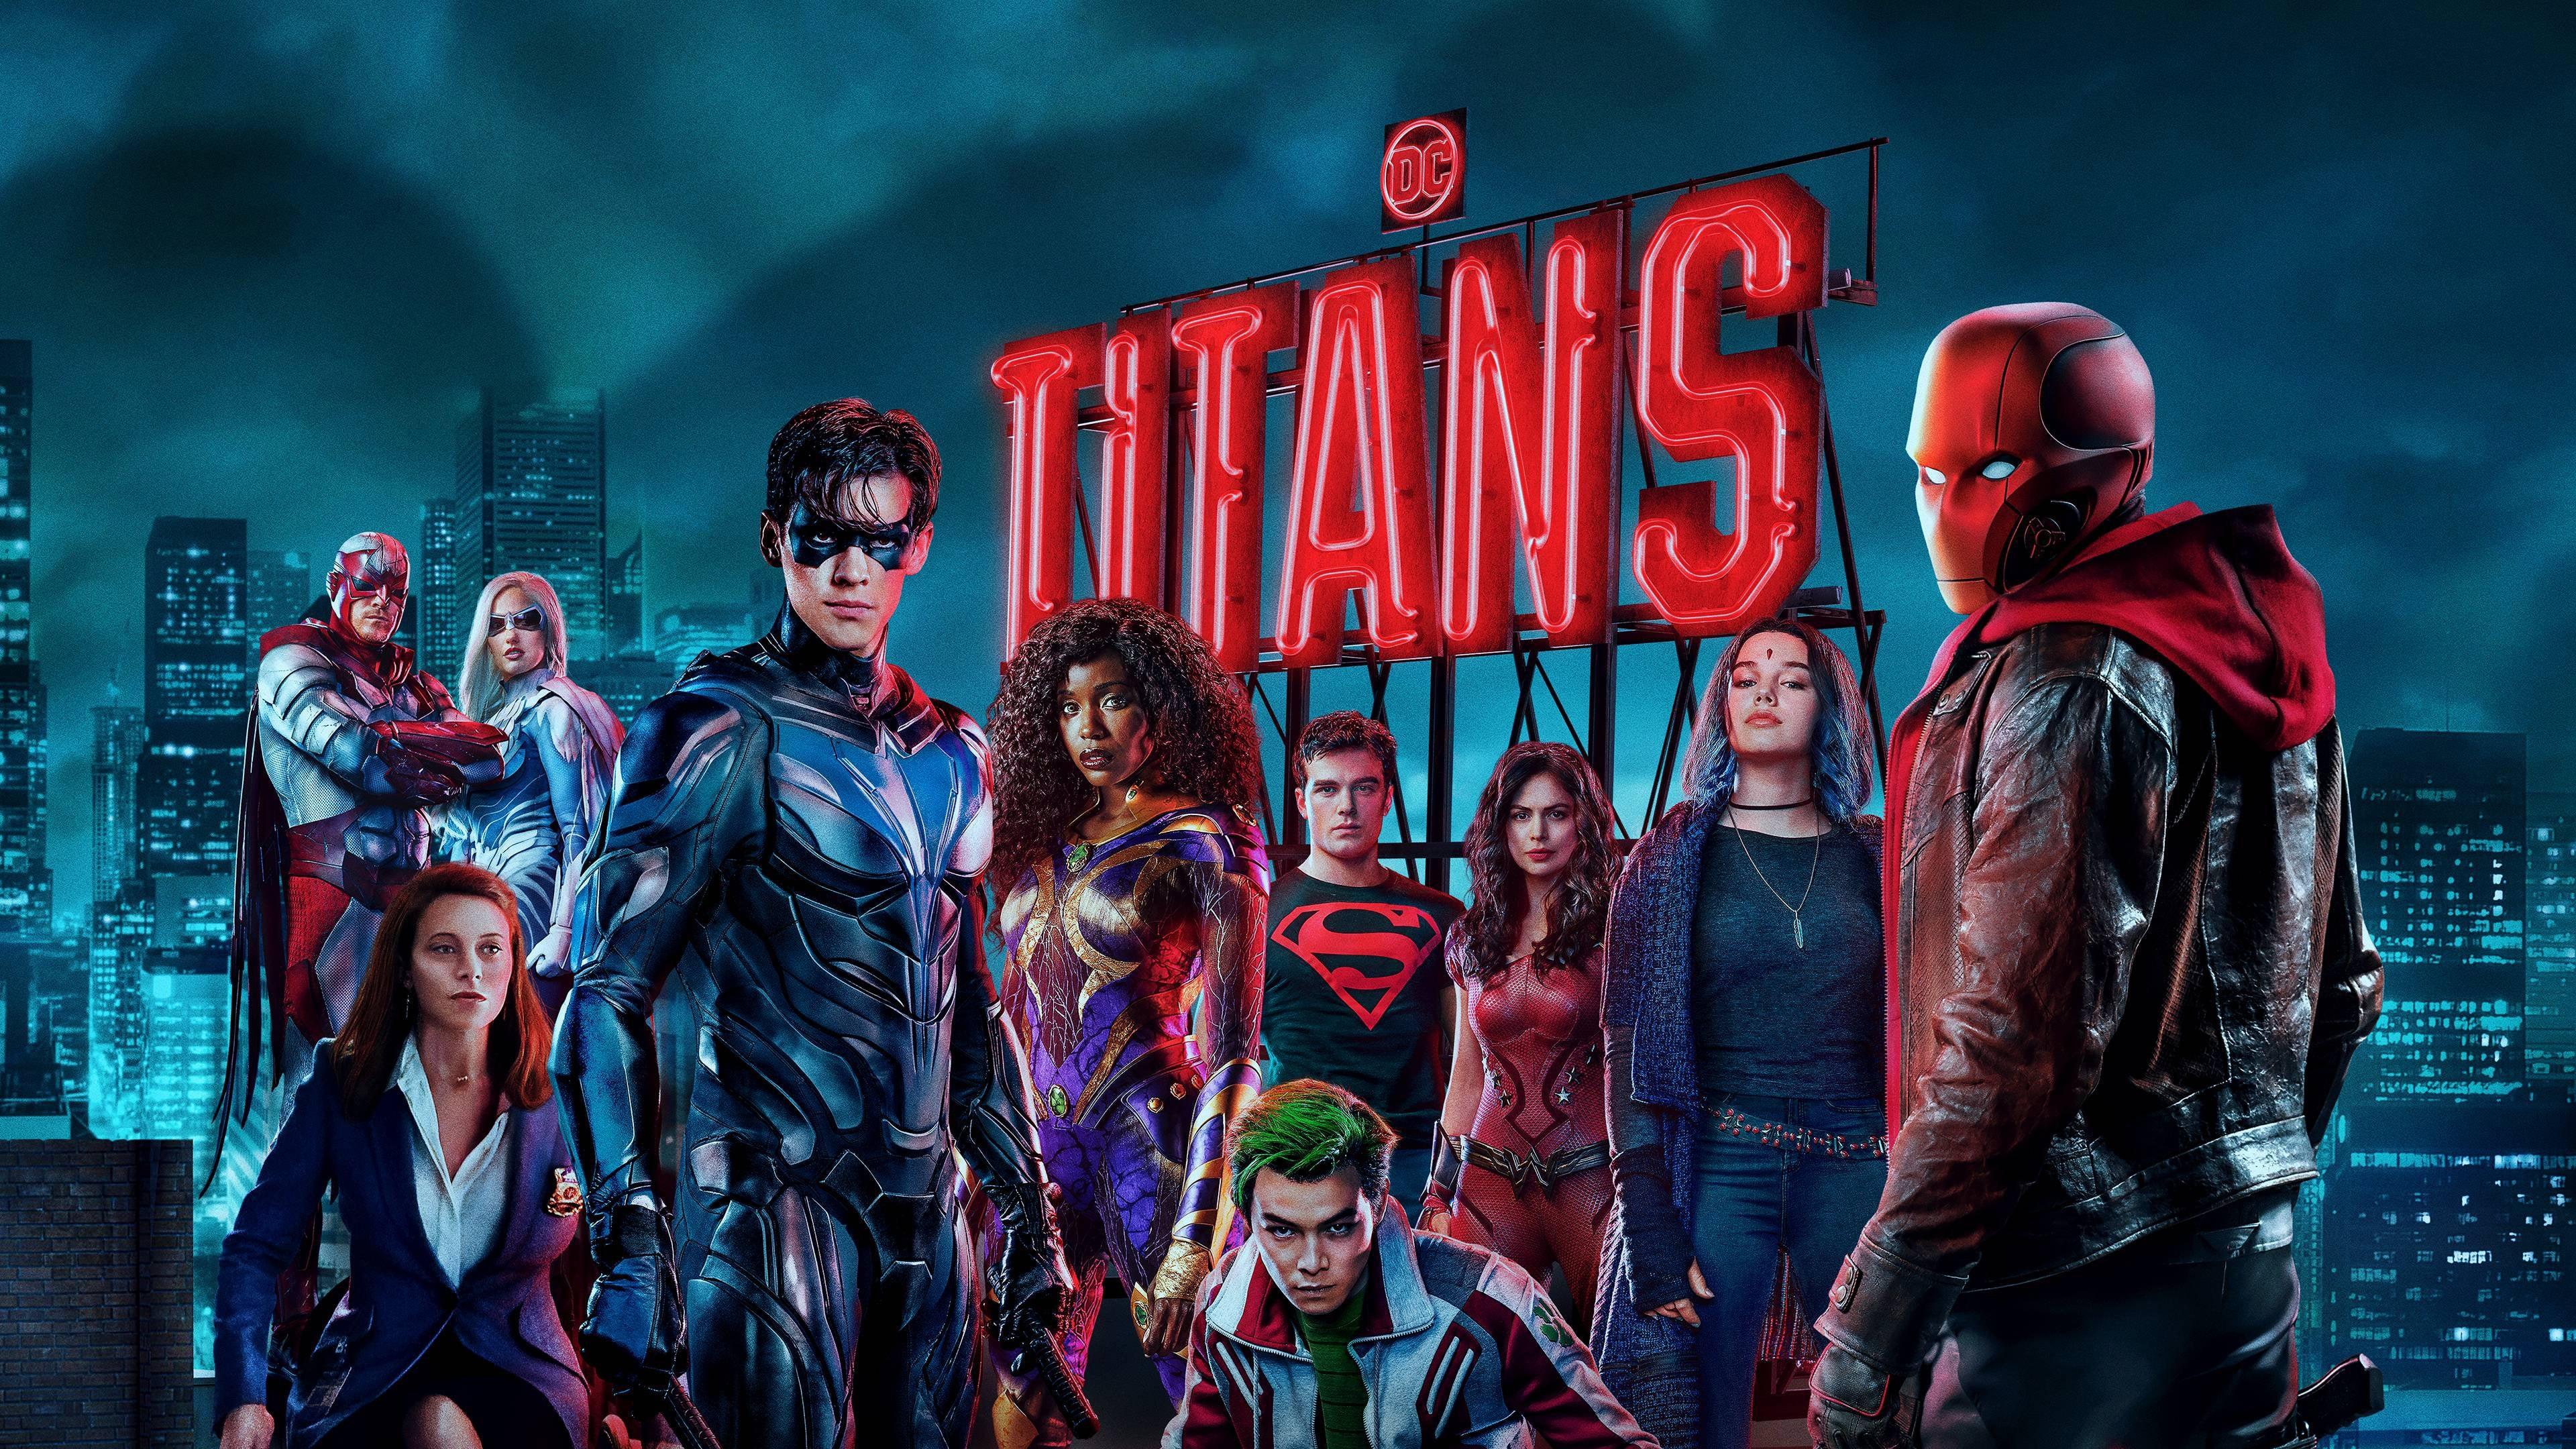 Titans - Season 3 Episode 13